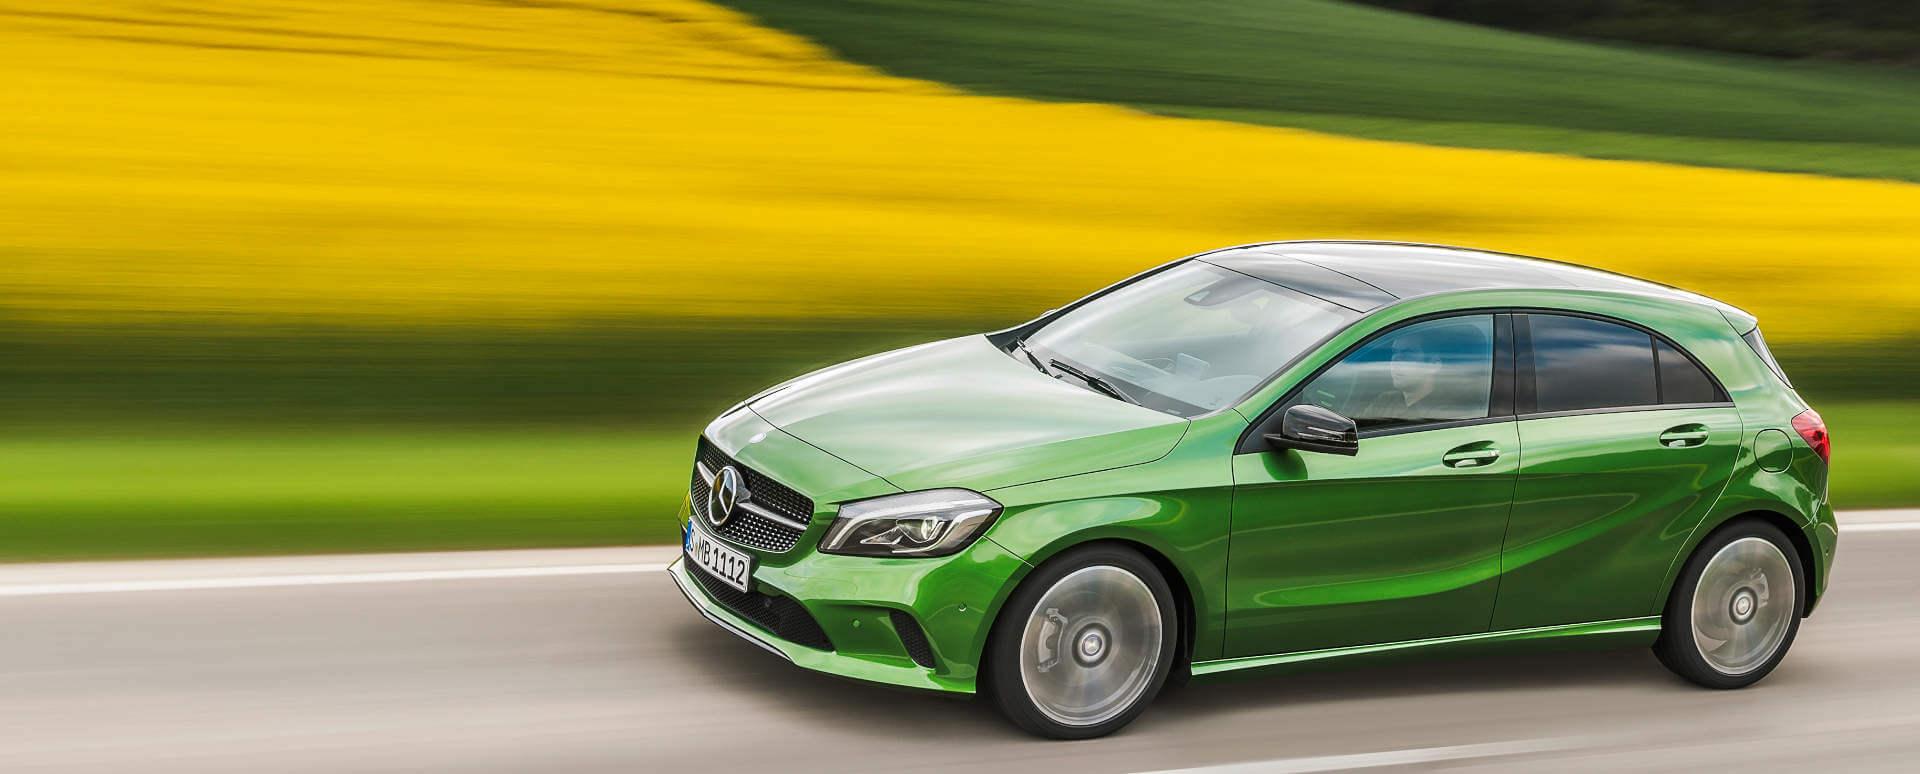 Mercedes-Benz A-Class, Driving